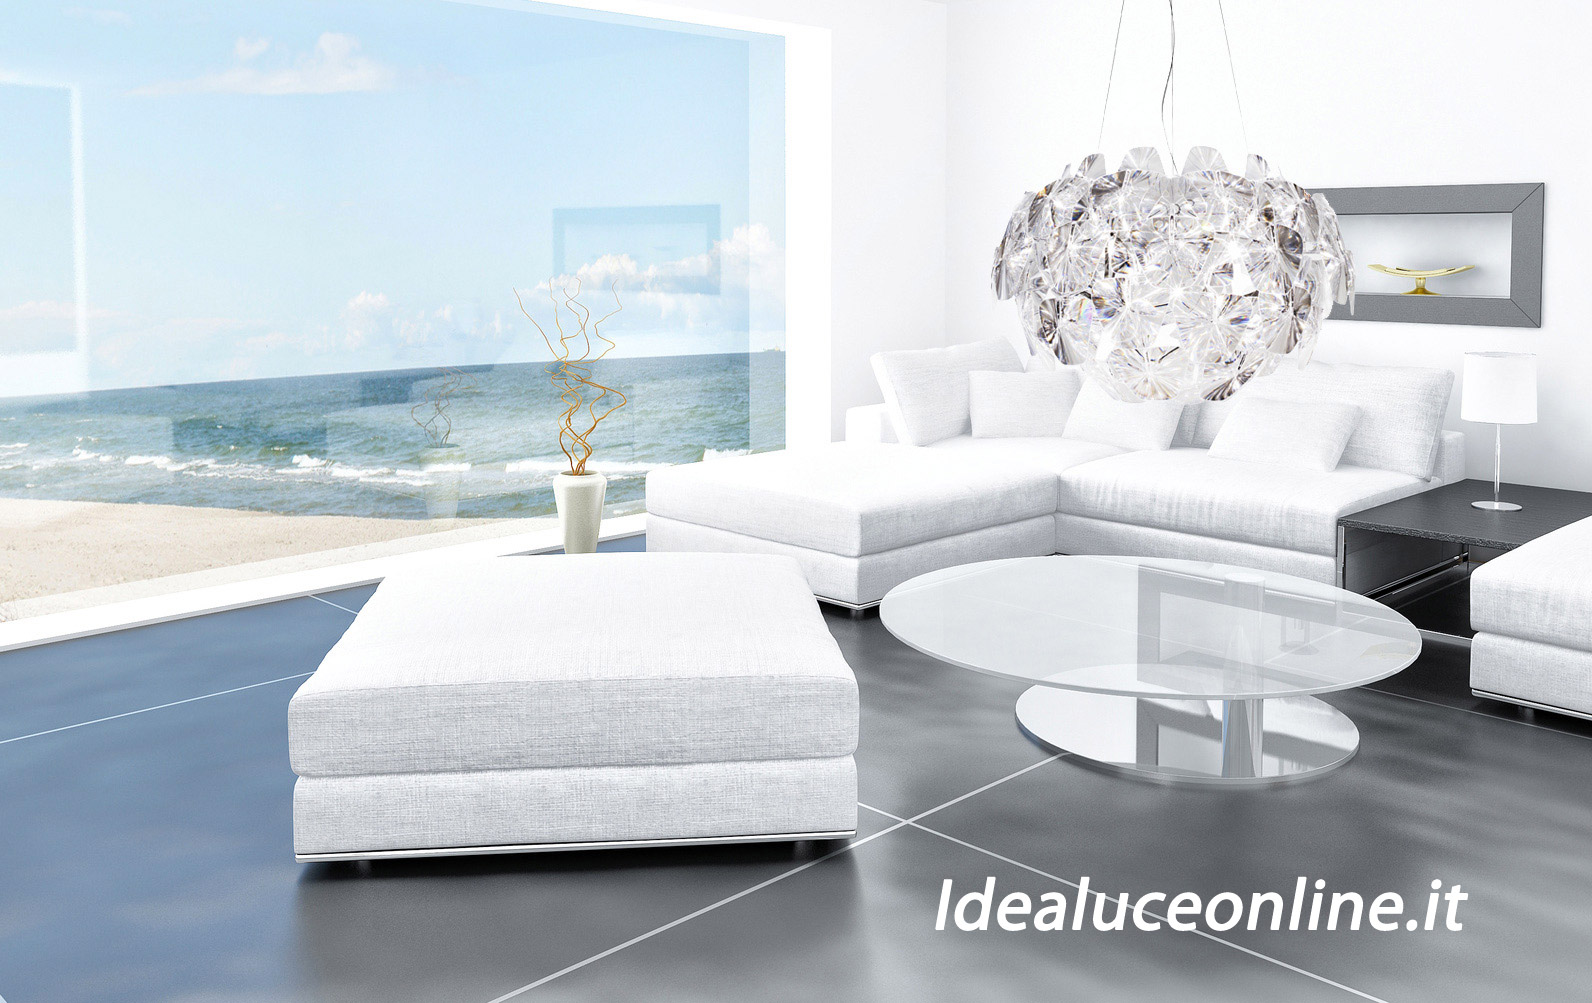 Lampadari In Camera Da Letto lampadari casa: quali scegliere?